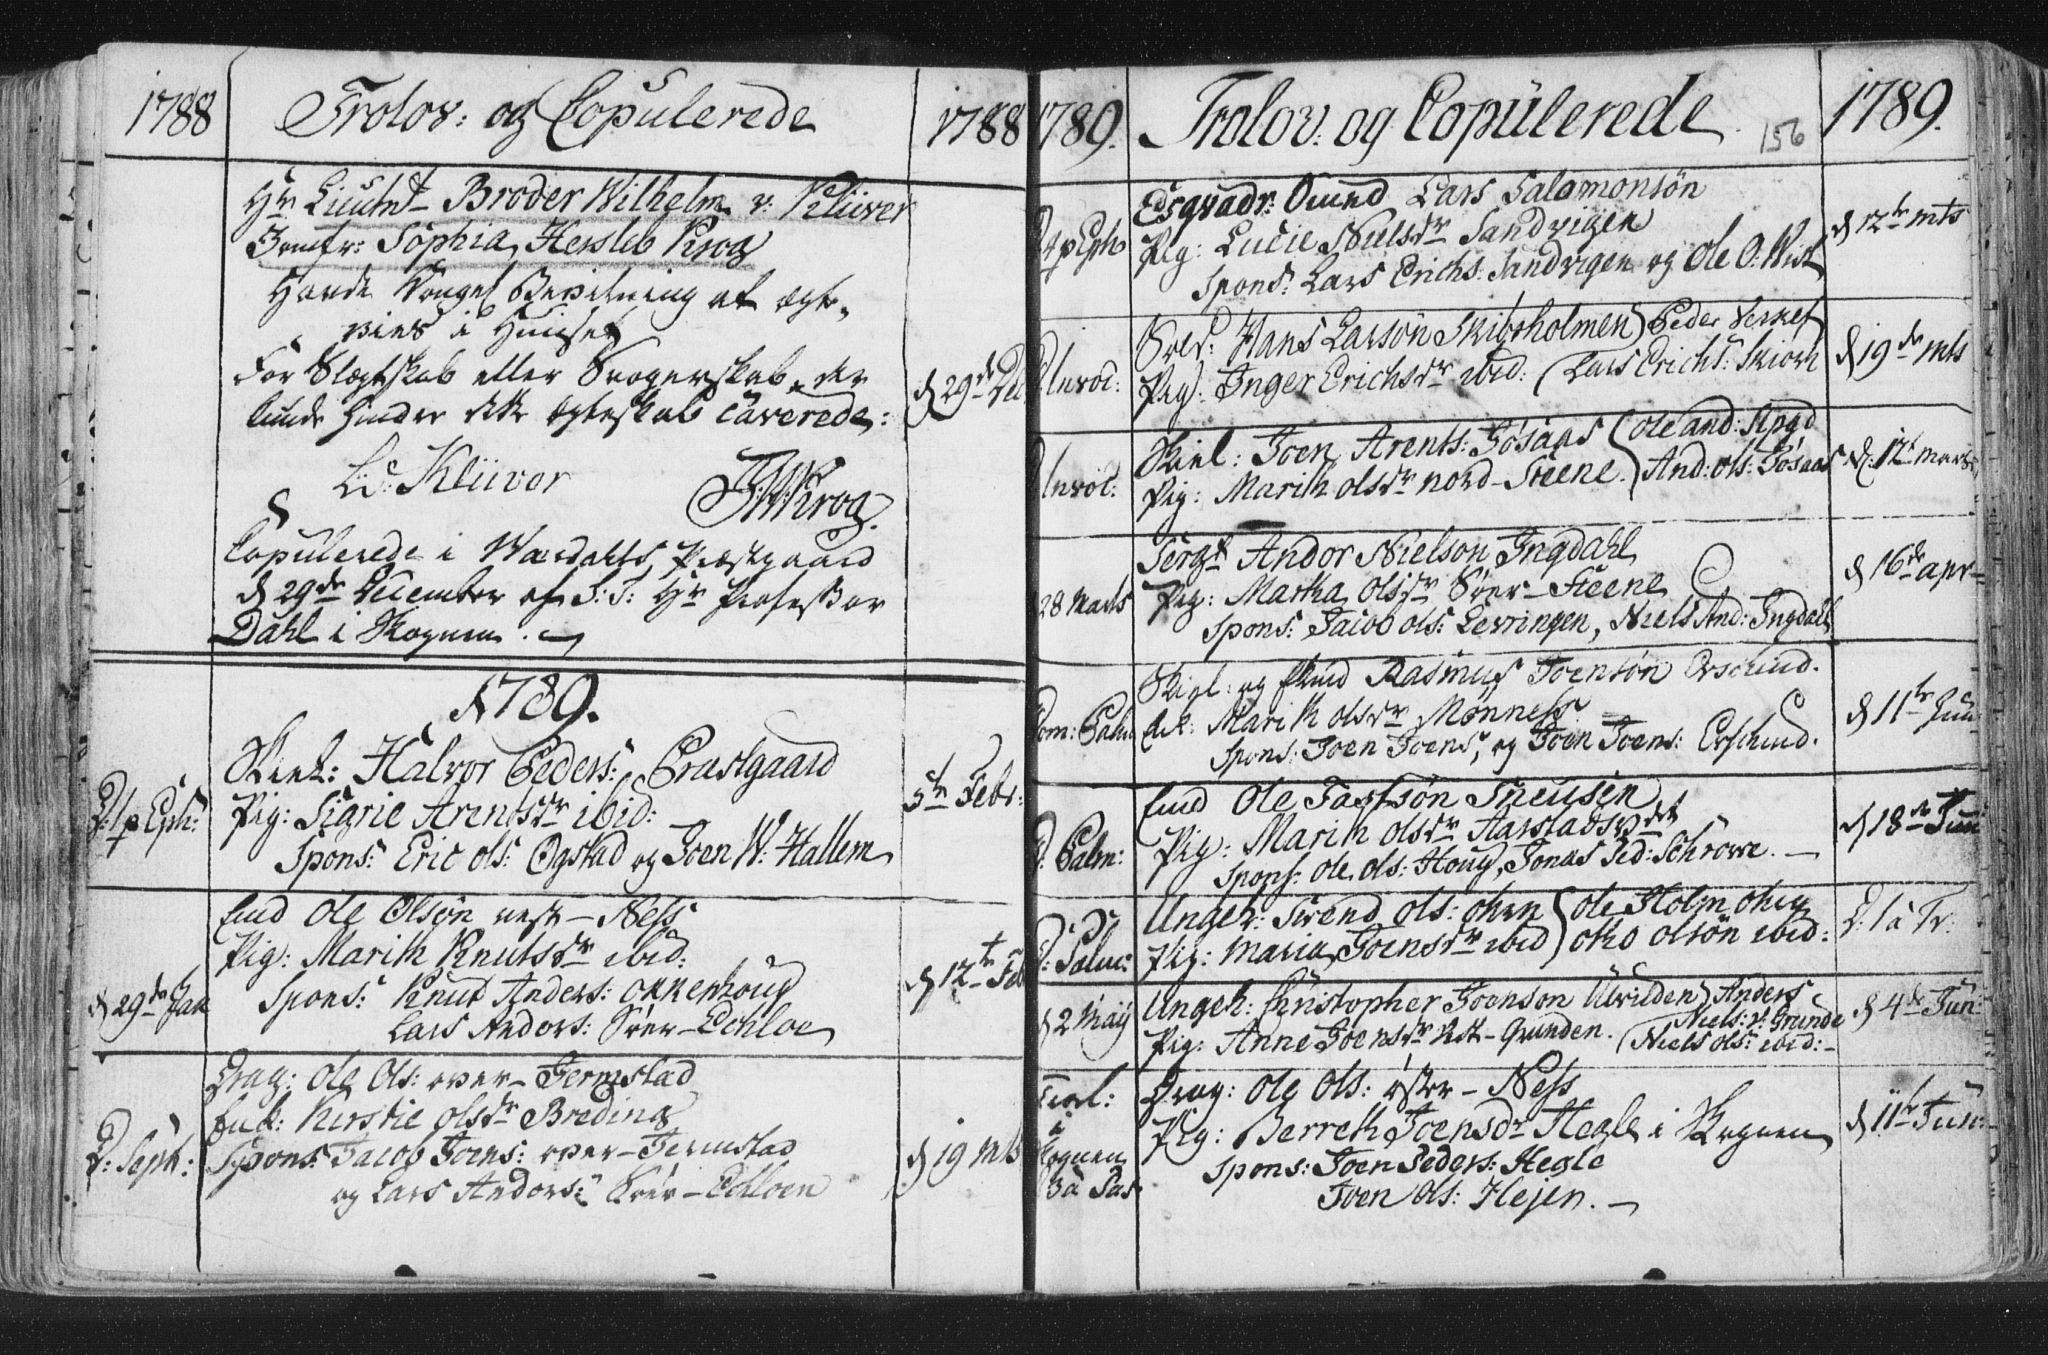 SAT, Ministerialprotokoller, klokkerbøker og fødselsregistre - Nord-Trøndelag, 723/L0232: Ministerialbok nr. 723A03, 1781-1804, s. 156